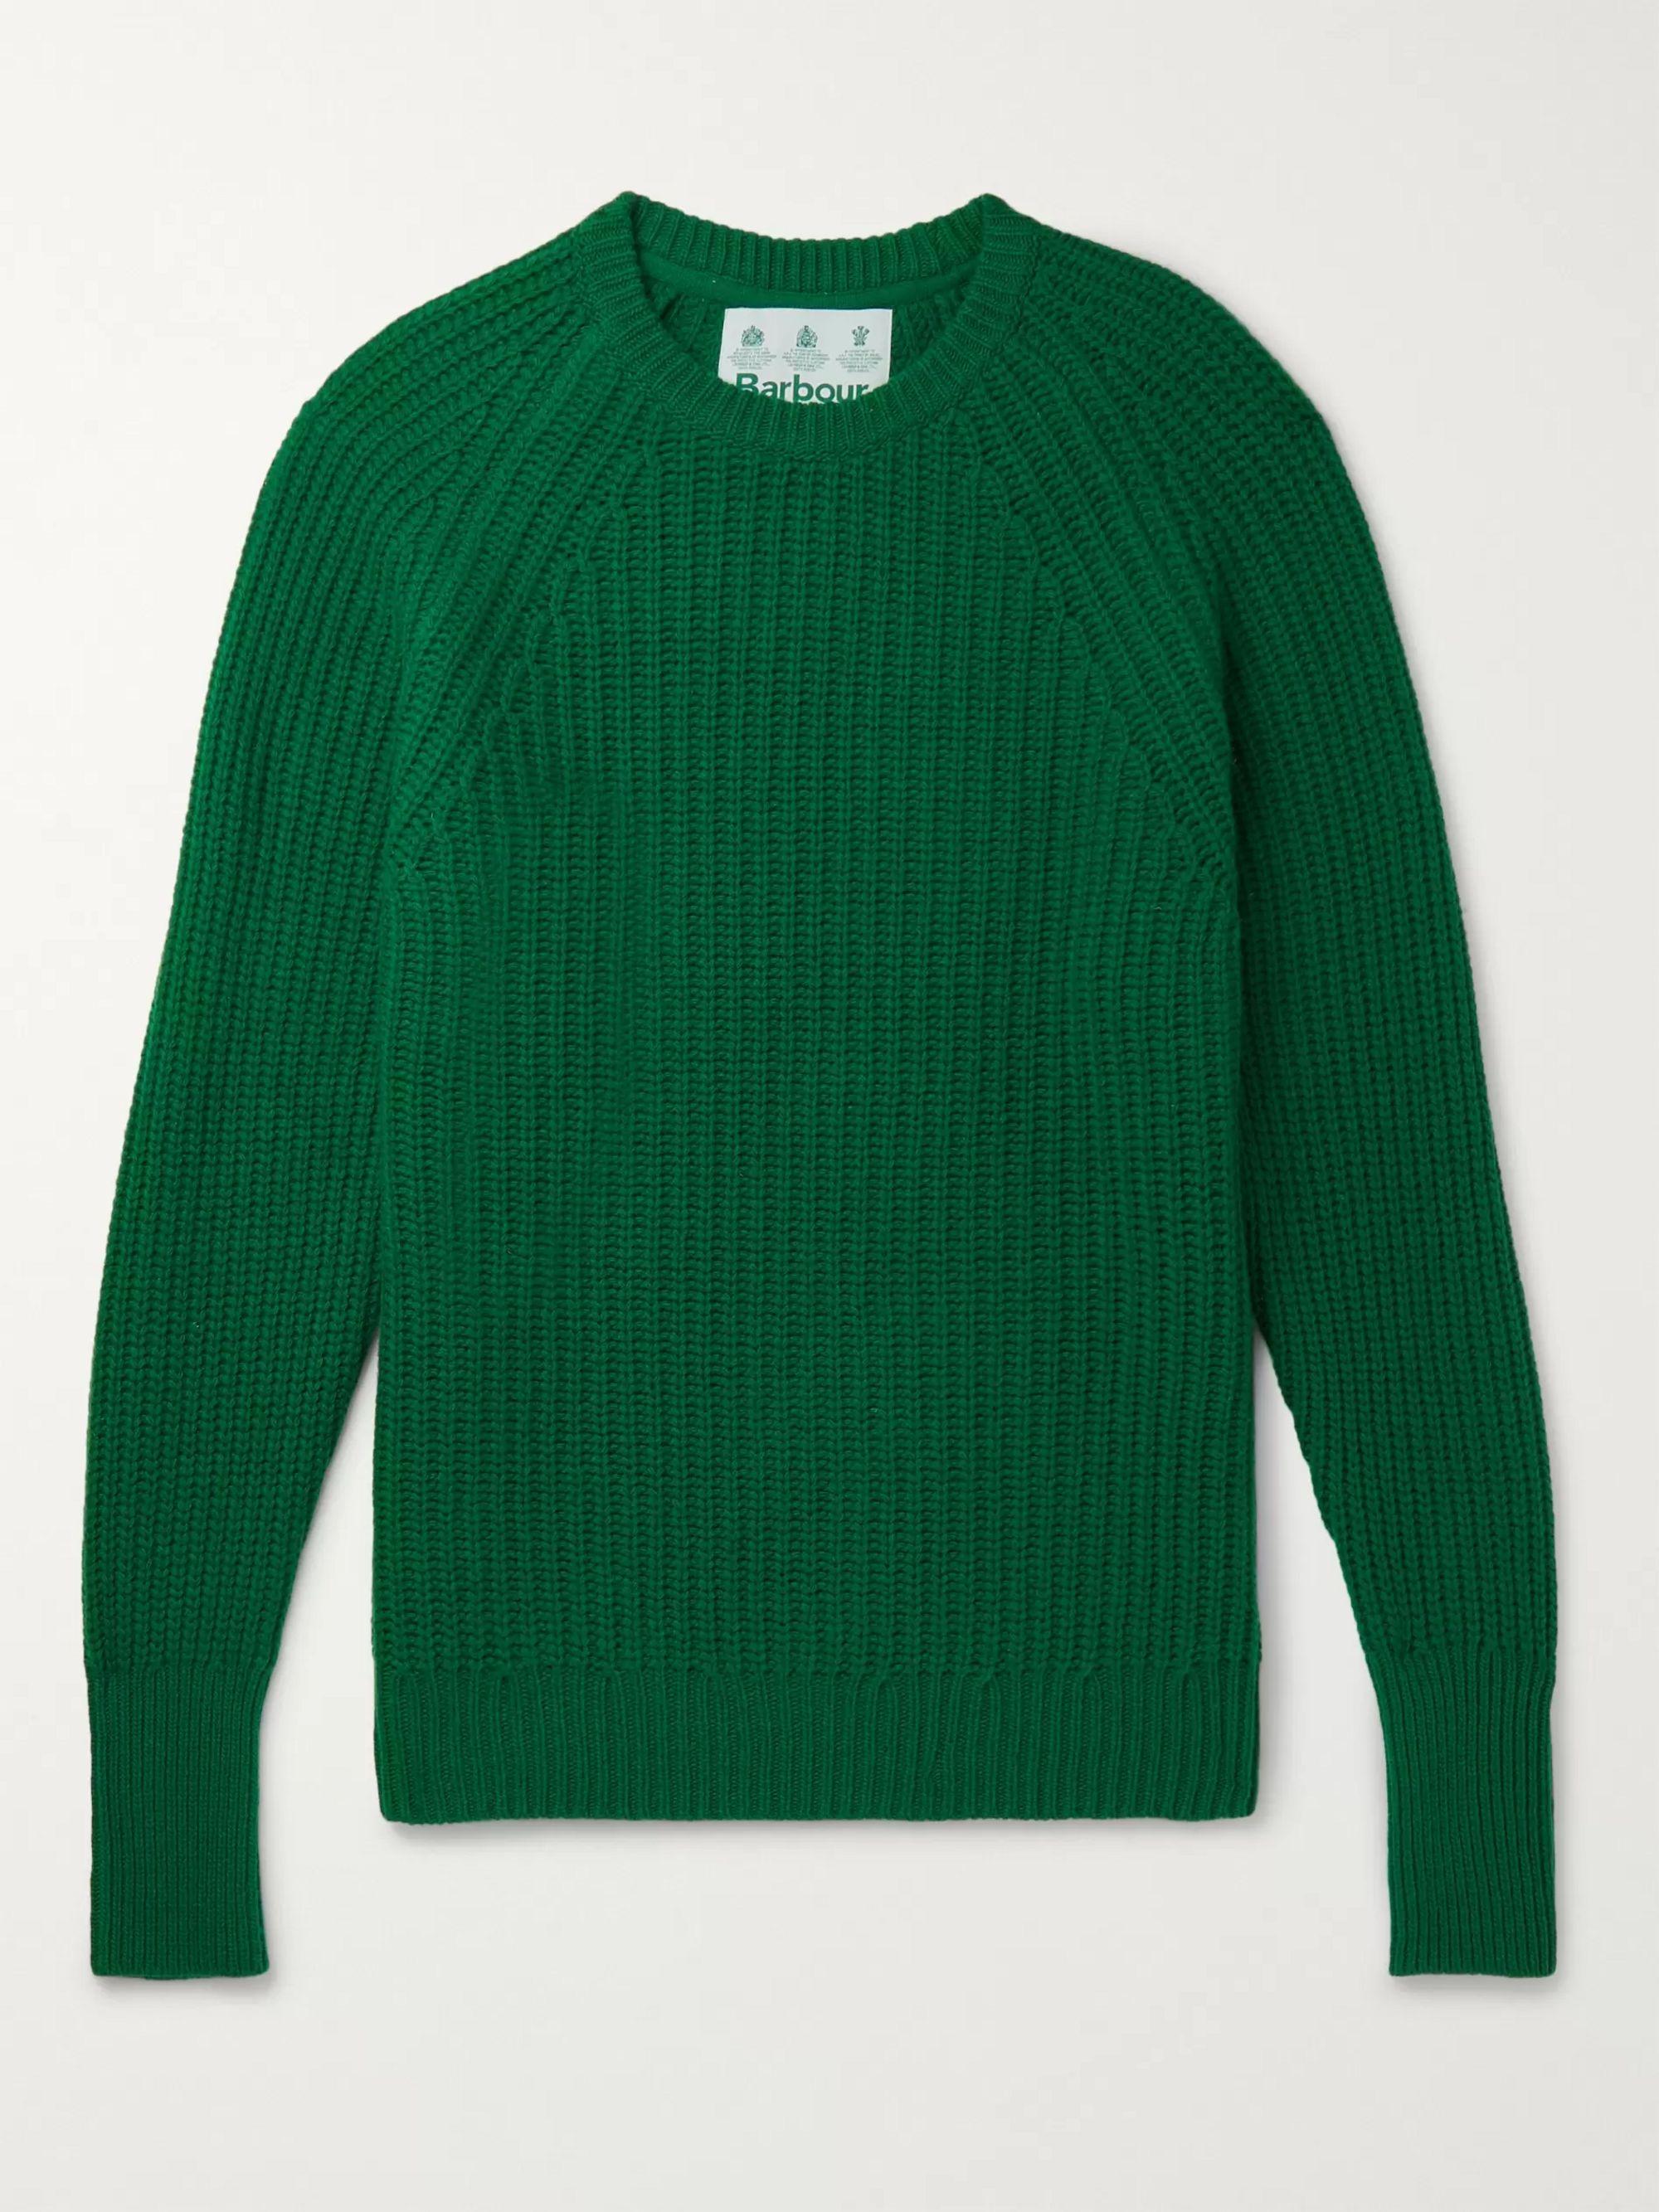 halv av försäljning av skor kupongskod Green White Label Tynedale Ribbed Wool Sweater   Barbour White ...